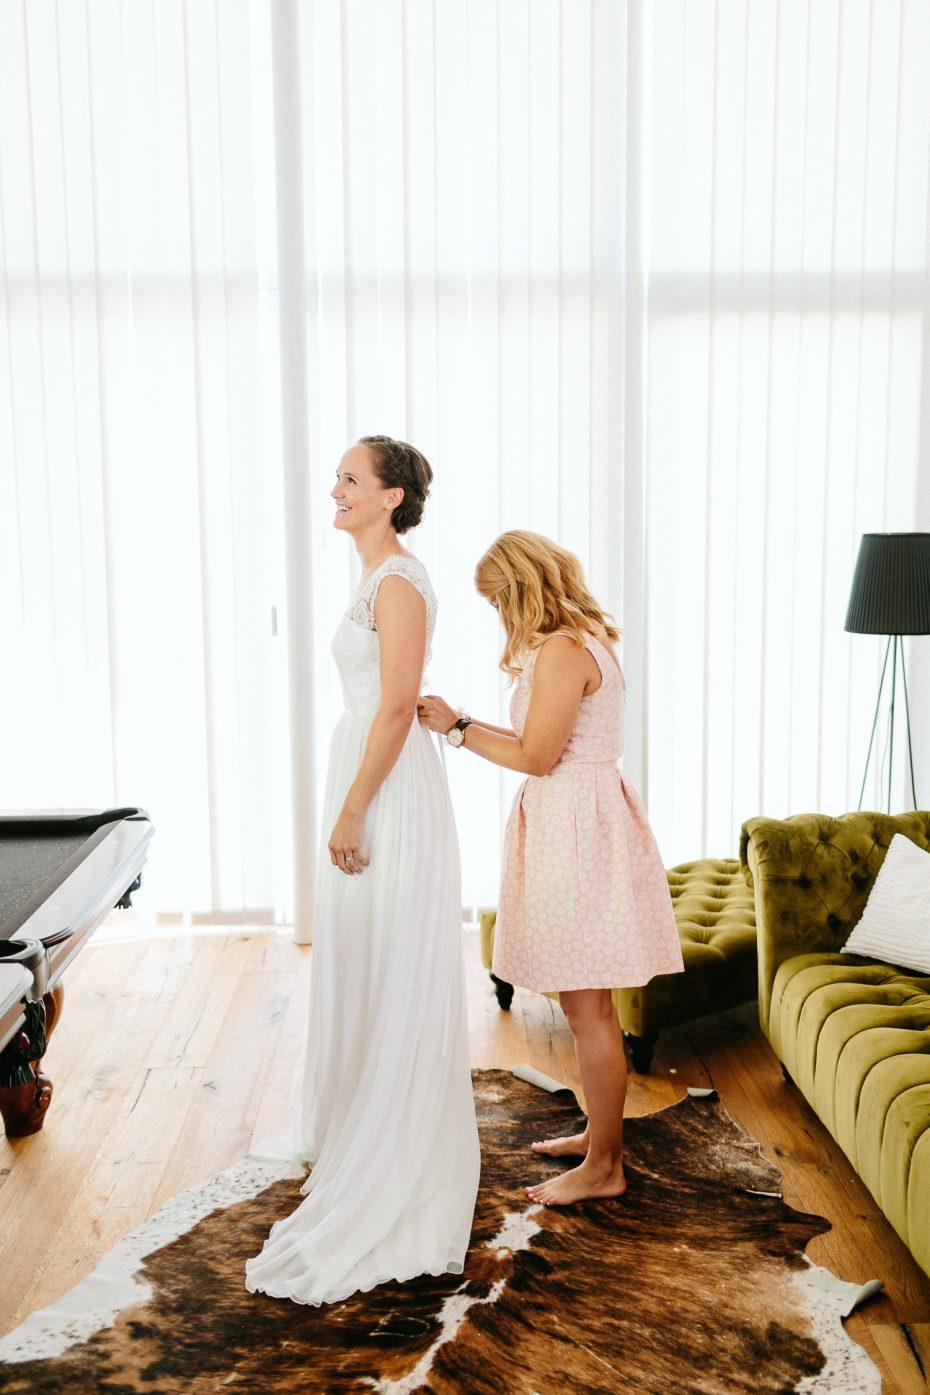 Julia+Daniel - JD-Hochzeit-Weingut-Holler-027.jpg